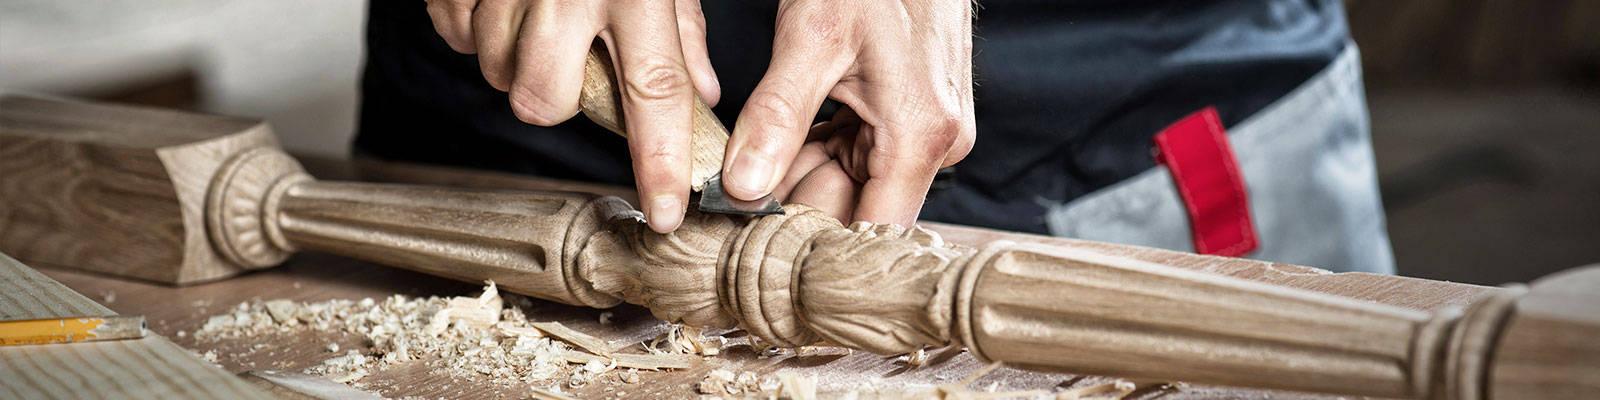 Feine Holzschnitzerei für eine Sonderarbeit